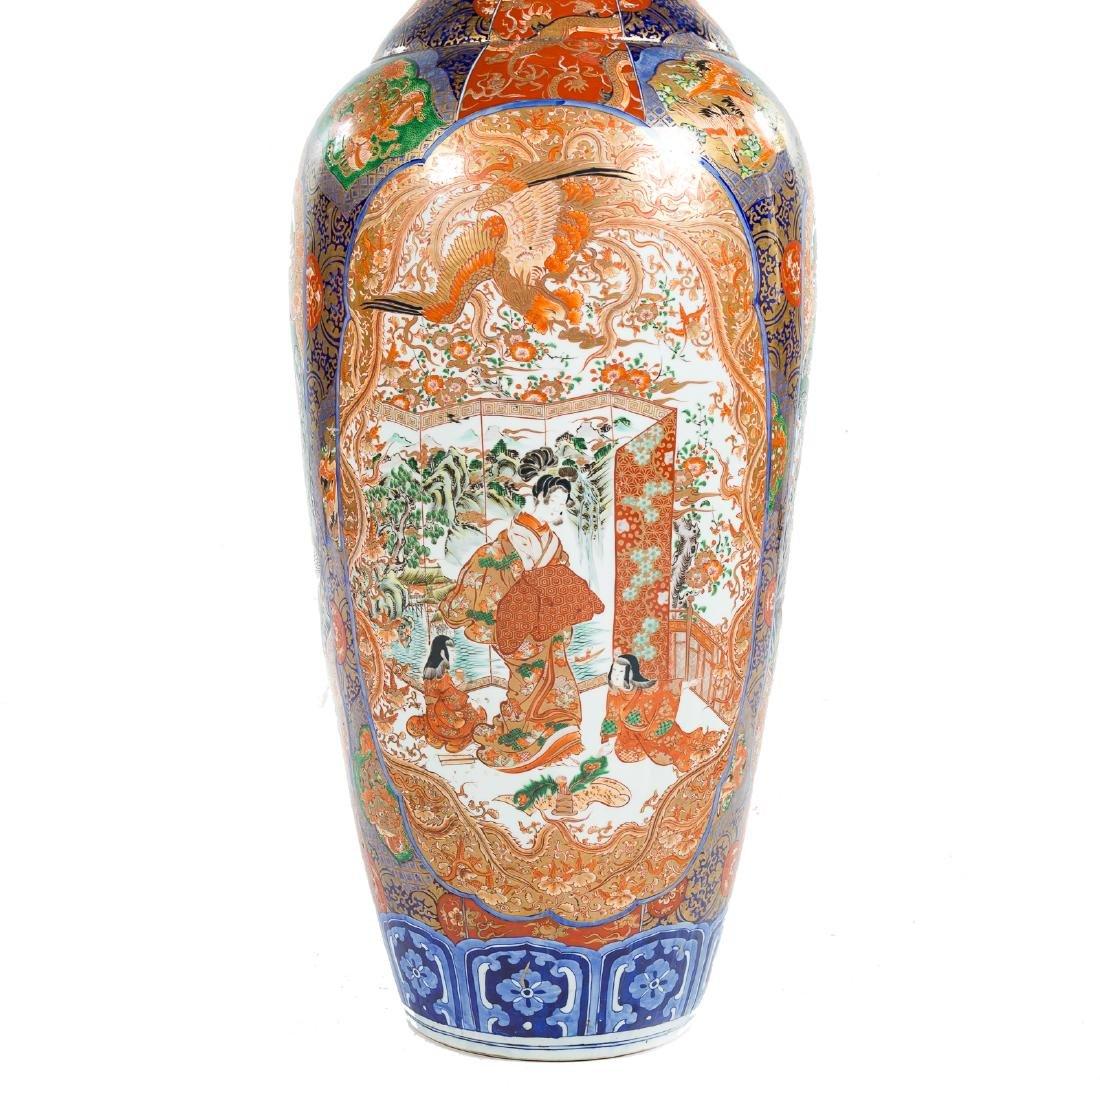 Japanese Imari porcelain monumental palace vase - 9